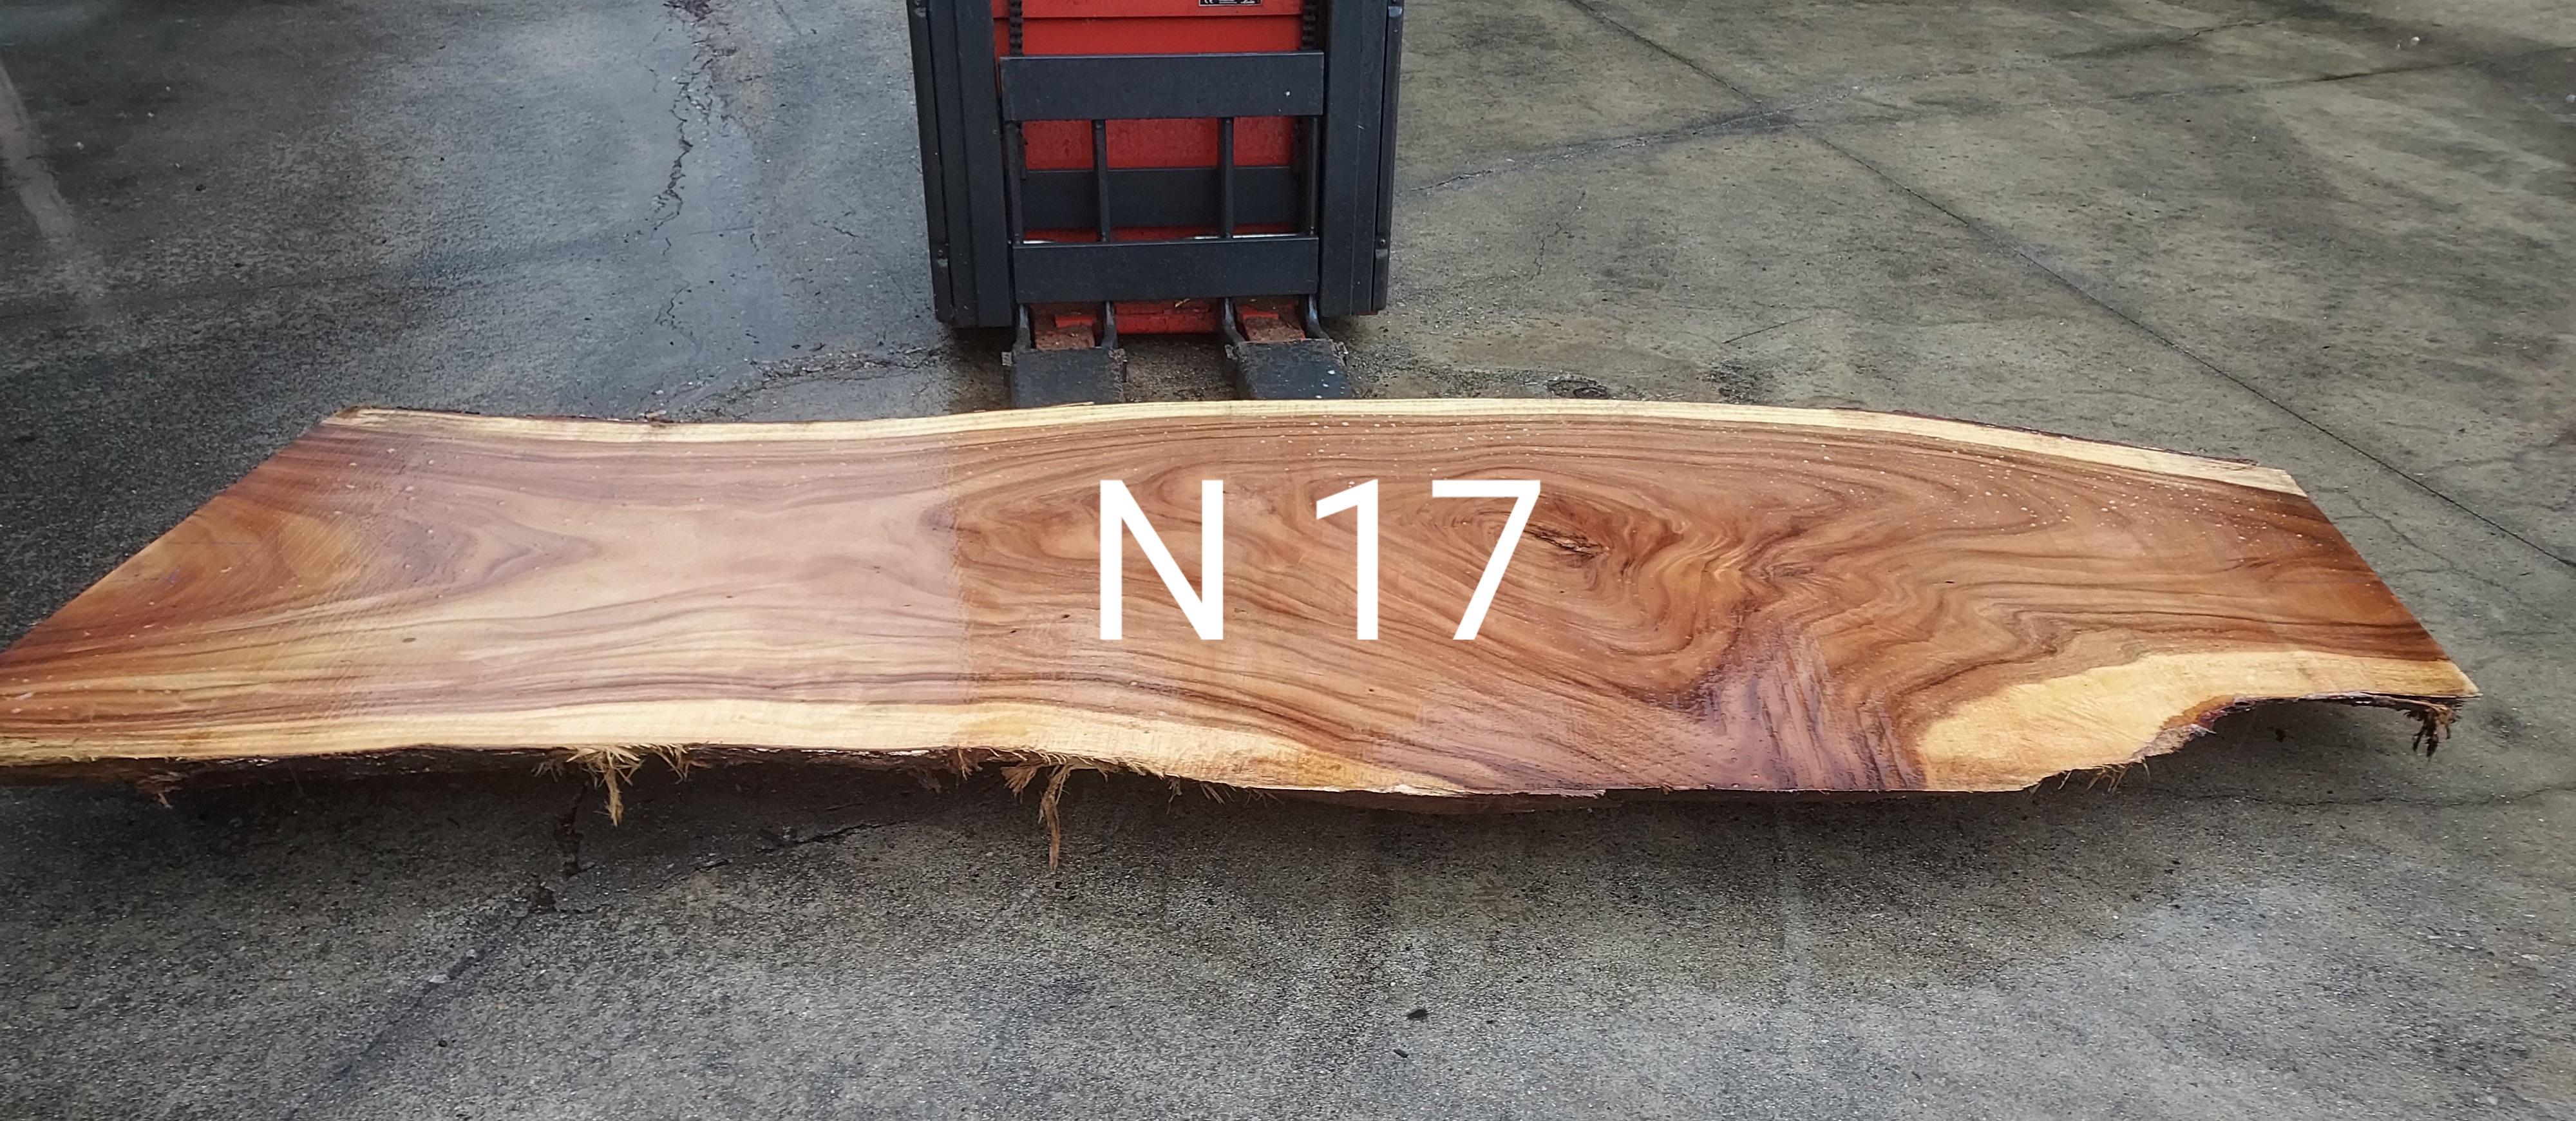 N 17 LARGO